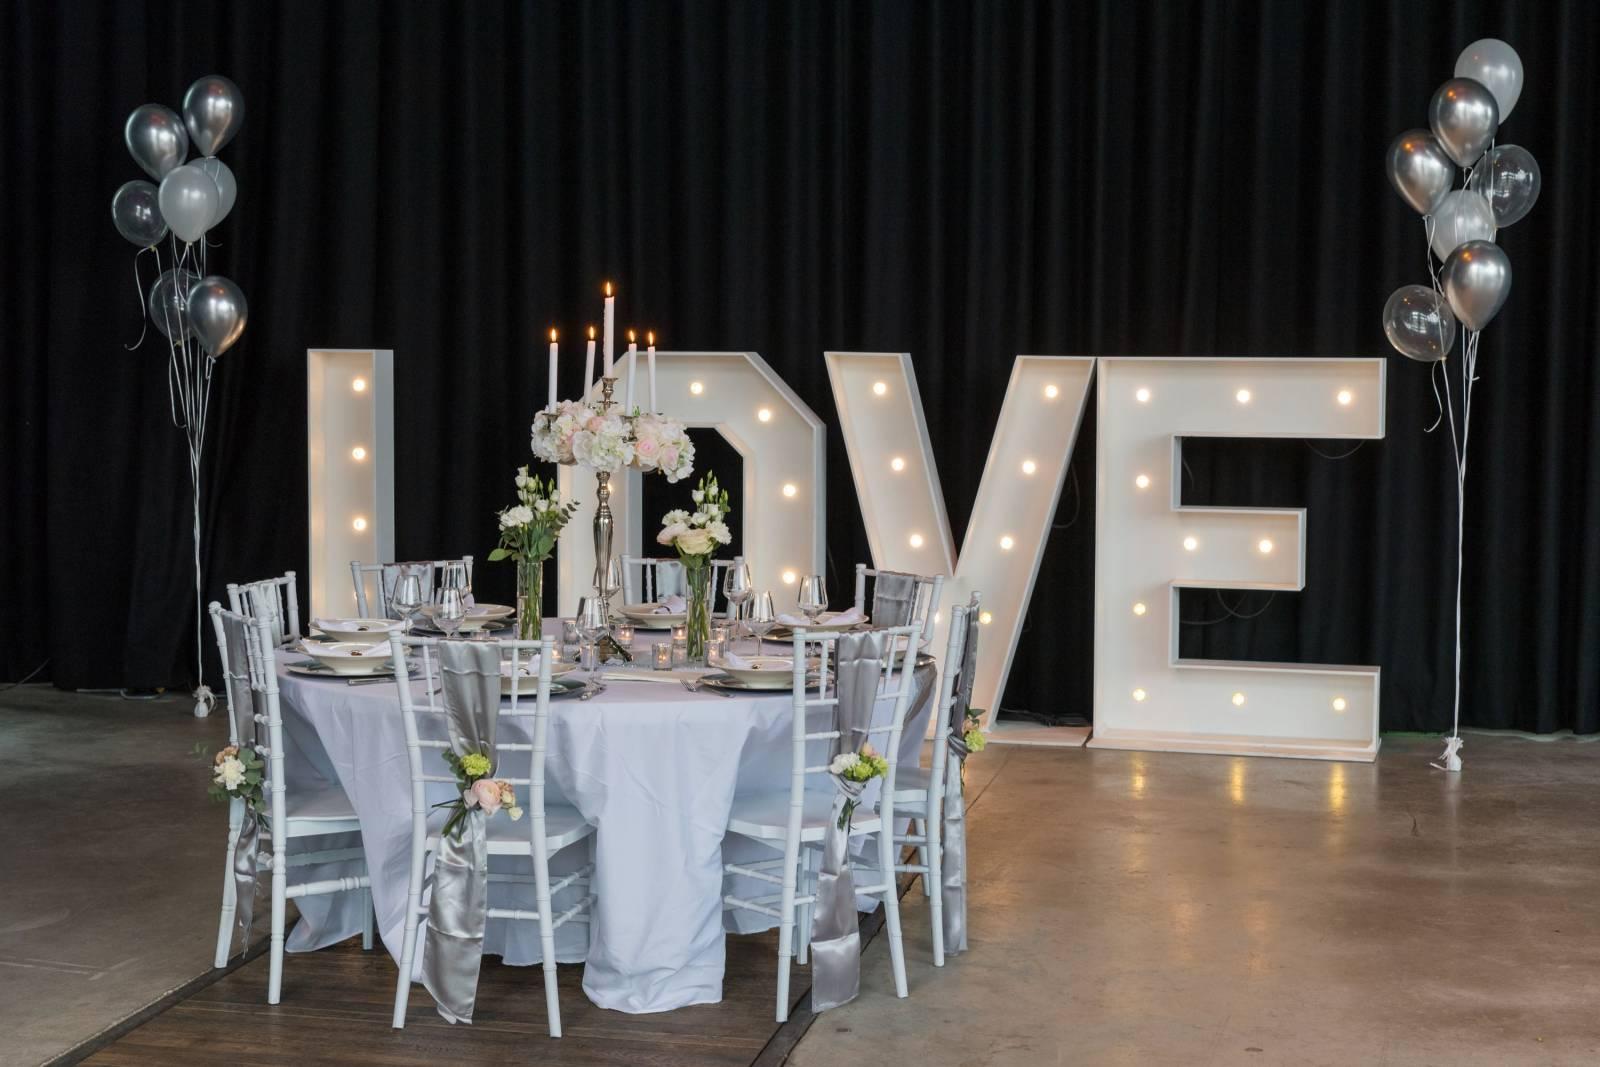 In Style Styling & Decoraties - Trouwdecoratie - Verhuurbedrijf - Wedding Design - House of Weddings - 14